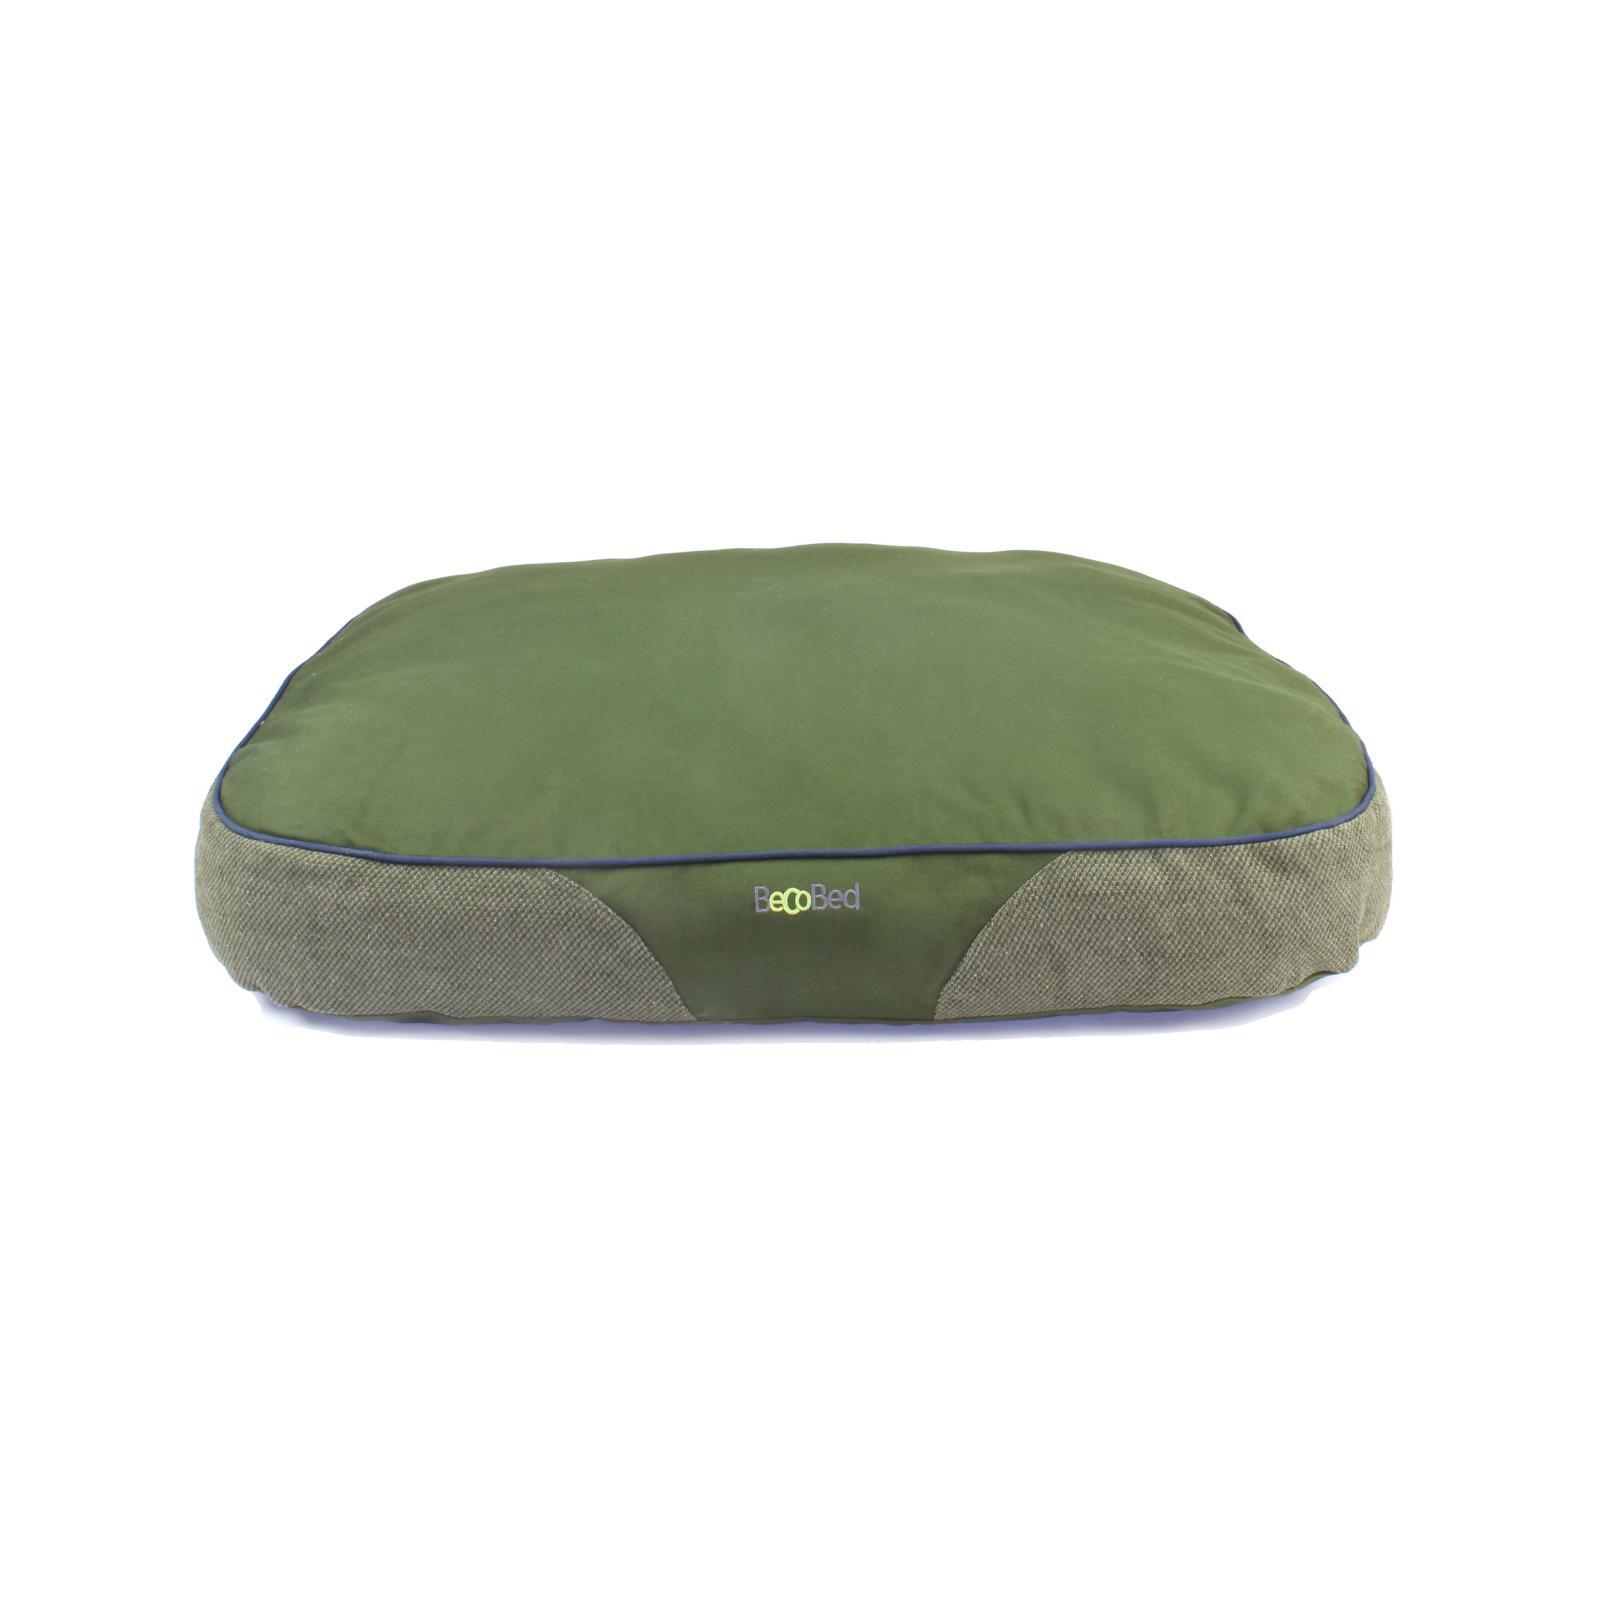 Beco Pets Beco Bed Mattress Large 1 ks, zelená